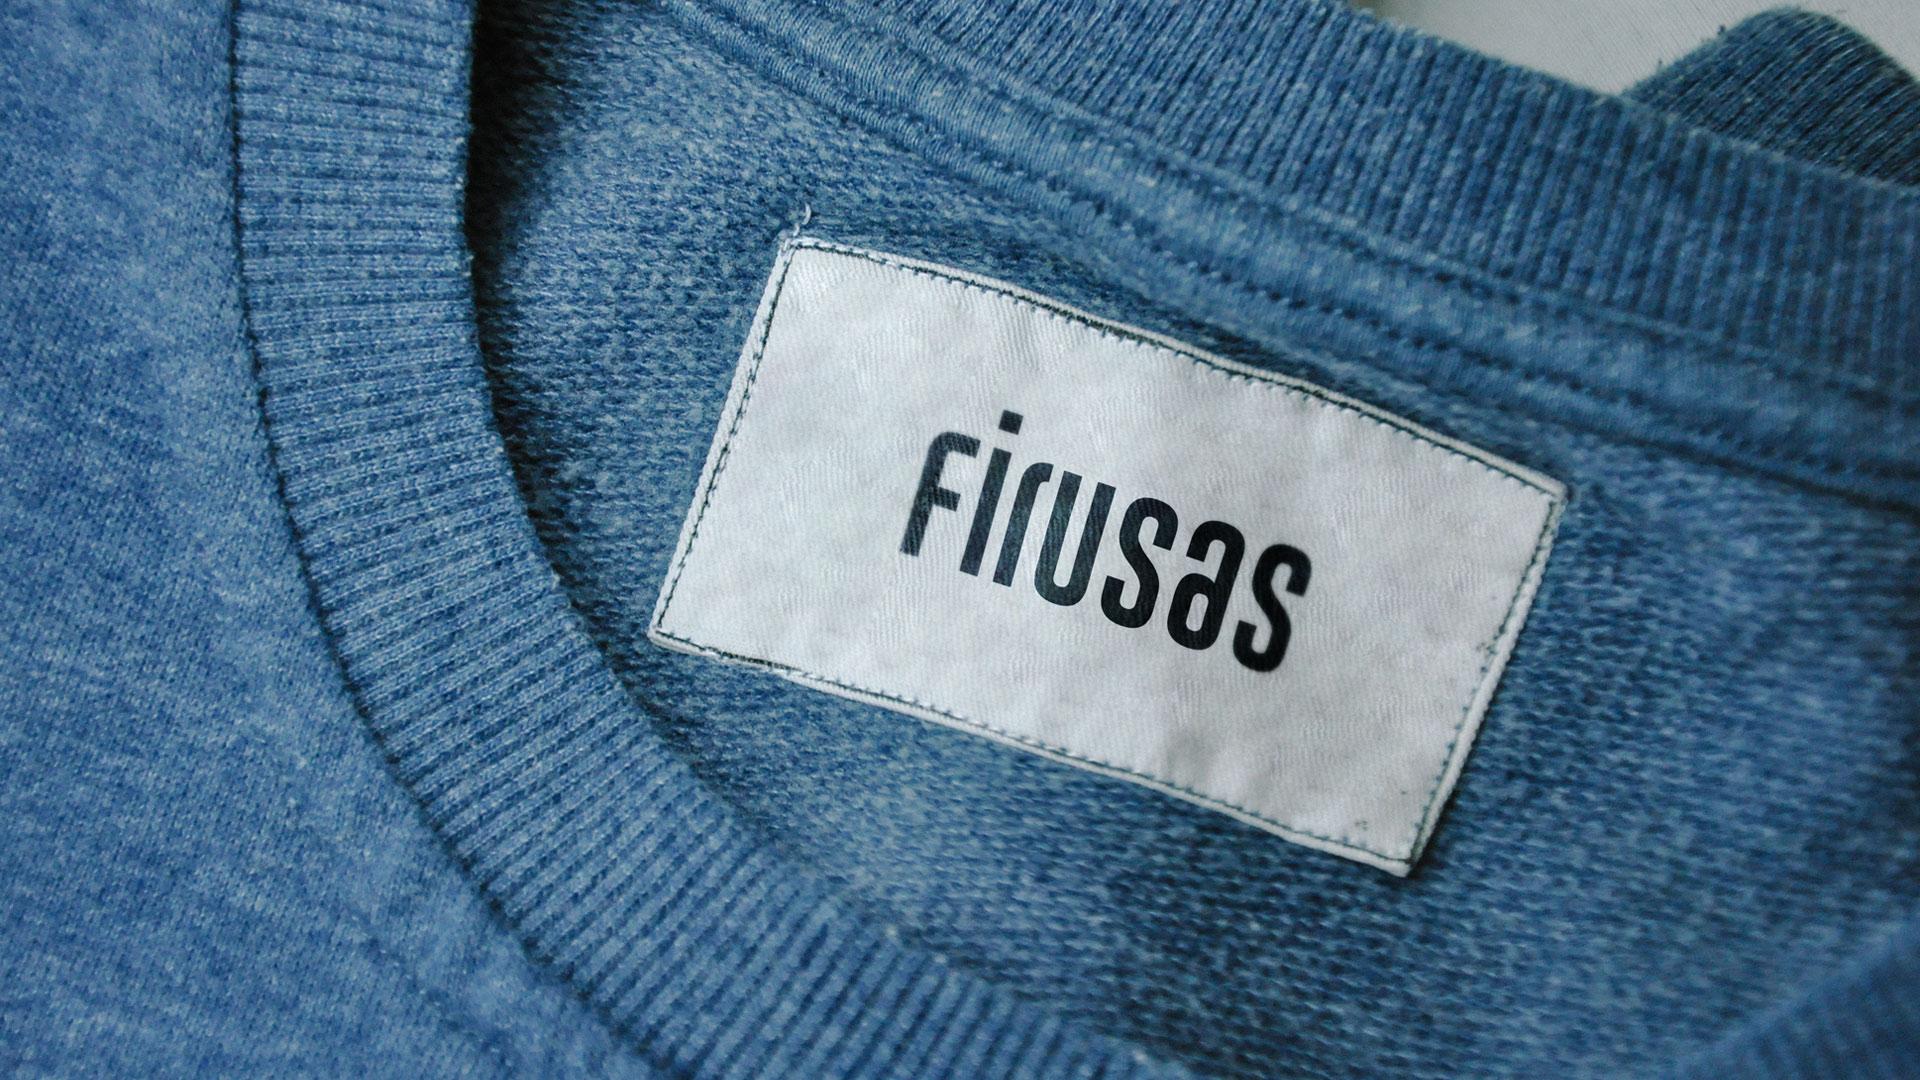 Firusas